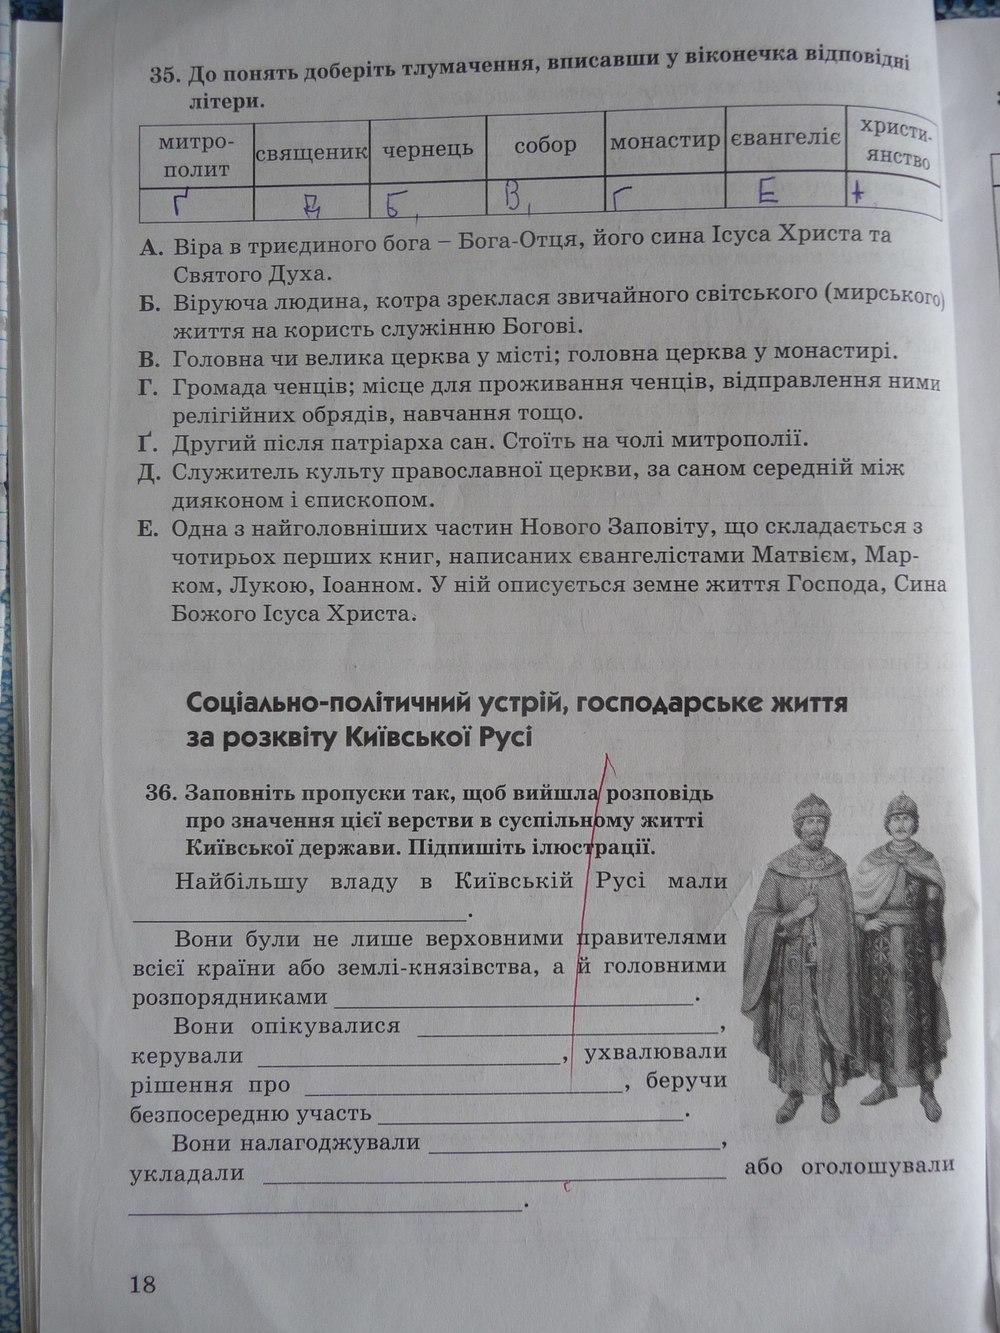 решебник по истории 5 класс власов 2018 на русском